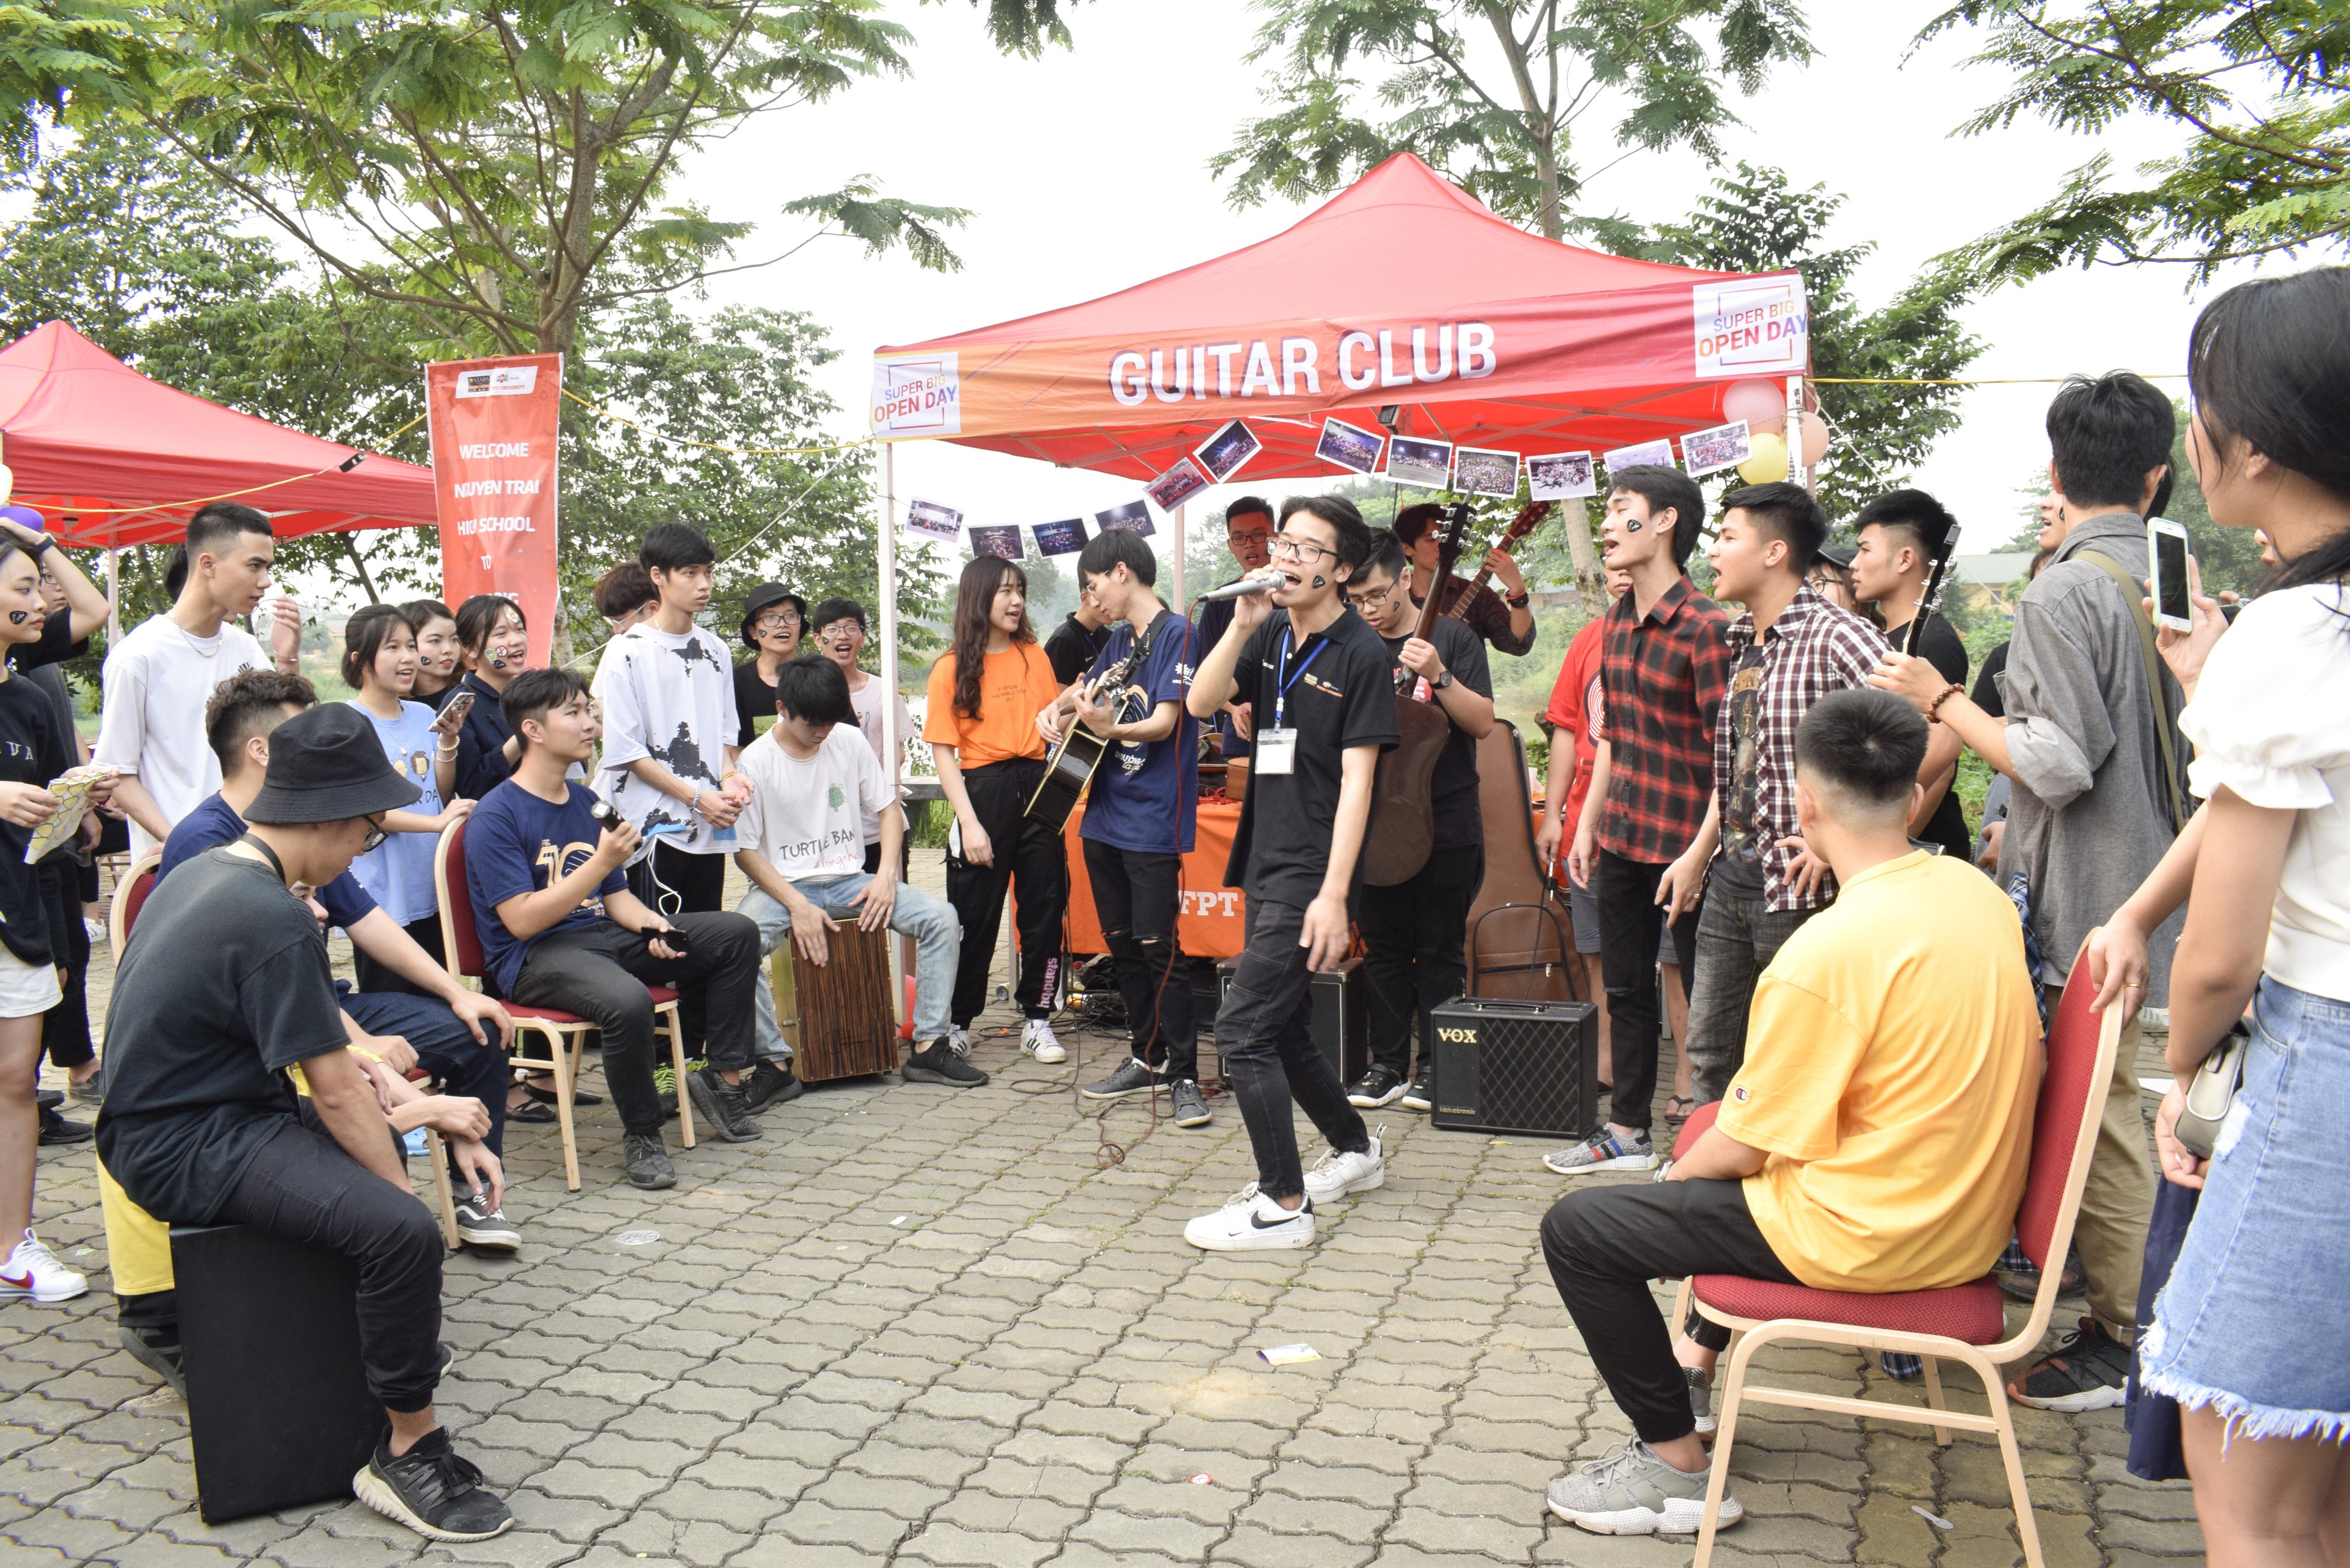 Bên cạnh đó còn nhiều hoạt động trải nghiệm hấp dẫn khác như học sinh được tham quan môi trường đại học hiện đại hàng đầu Việt Nam với khuôn viên rộng 30 ha, cùng tìm hiểu ngành nghề với đội ngũ giảng viên ĐH FPT, hoà mình vào hệ thống gần 50 CLB và tận hưởng 30 gian hàng ẩm thực đa dạng.